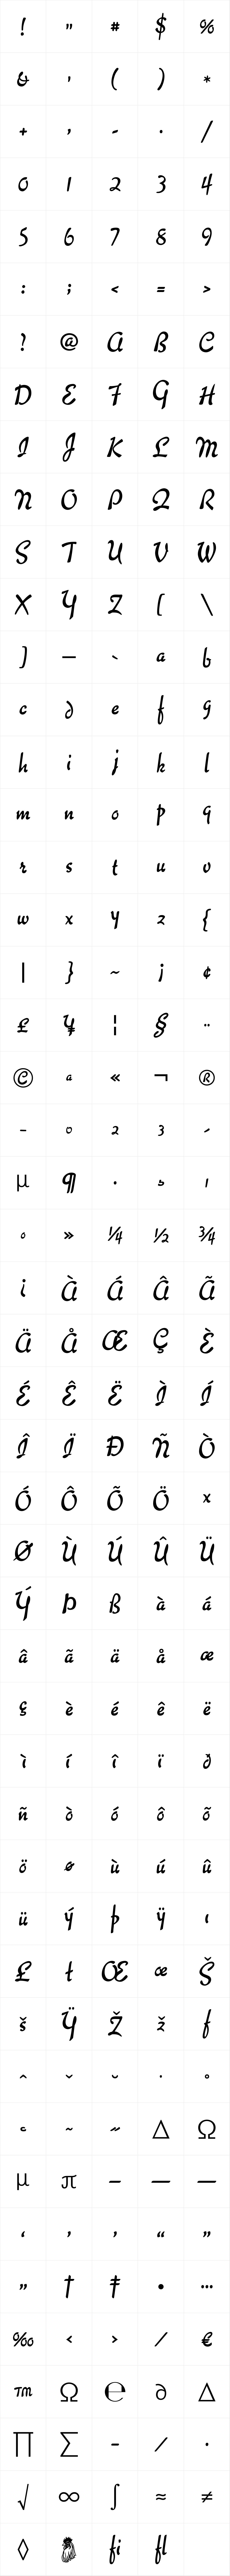 Willard Sniffin Script Bold